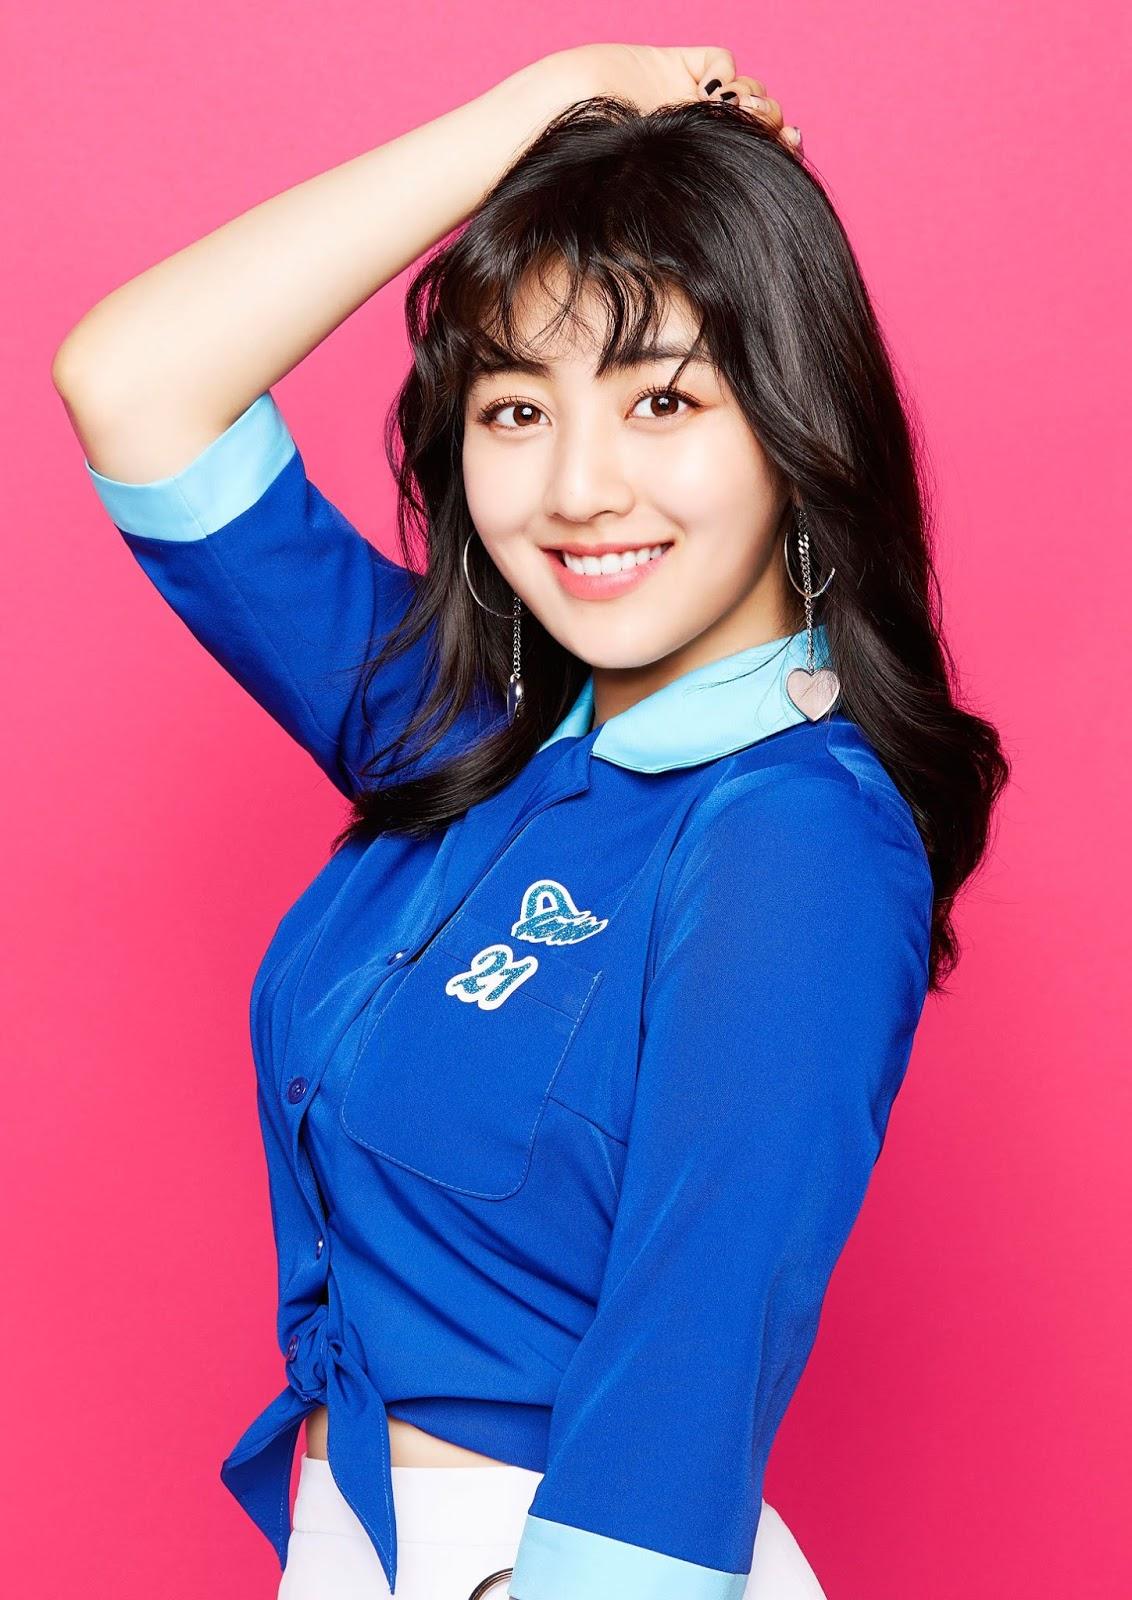 10 Potret Jihyo 'Twice' yang Akan Bikin Kaskuser Komentar